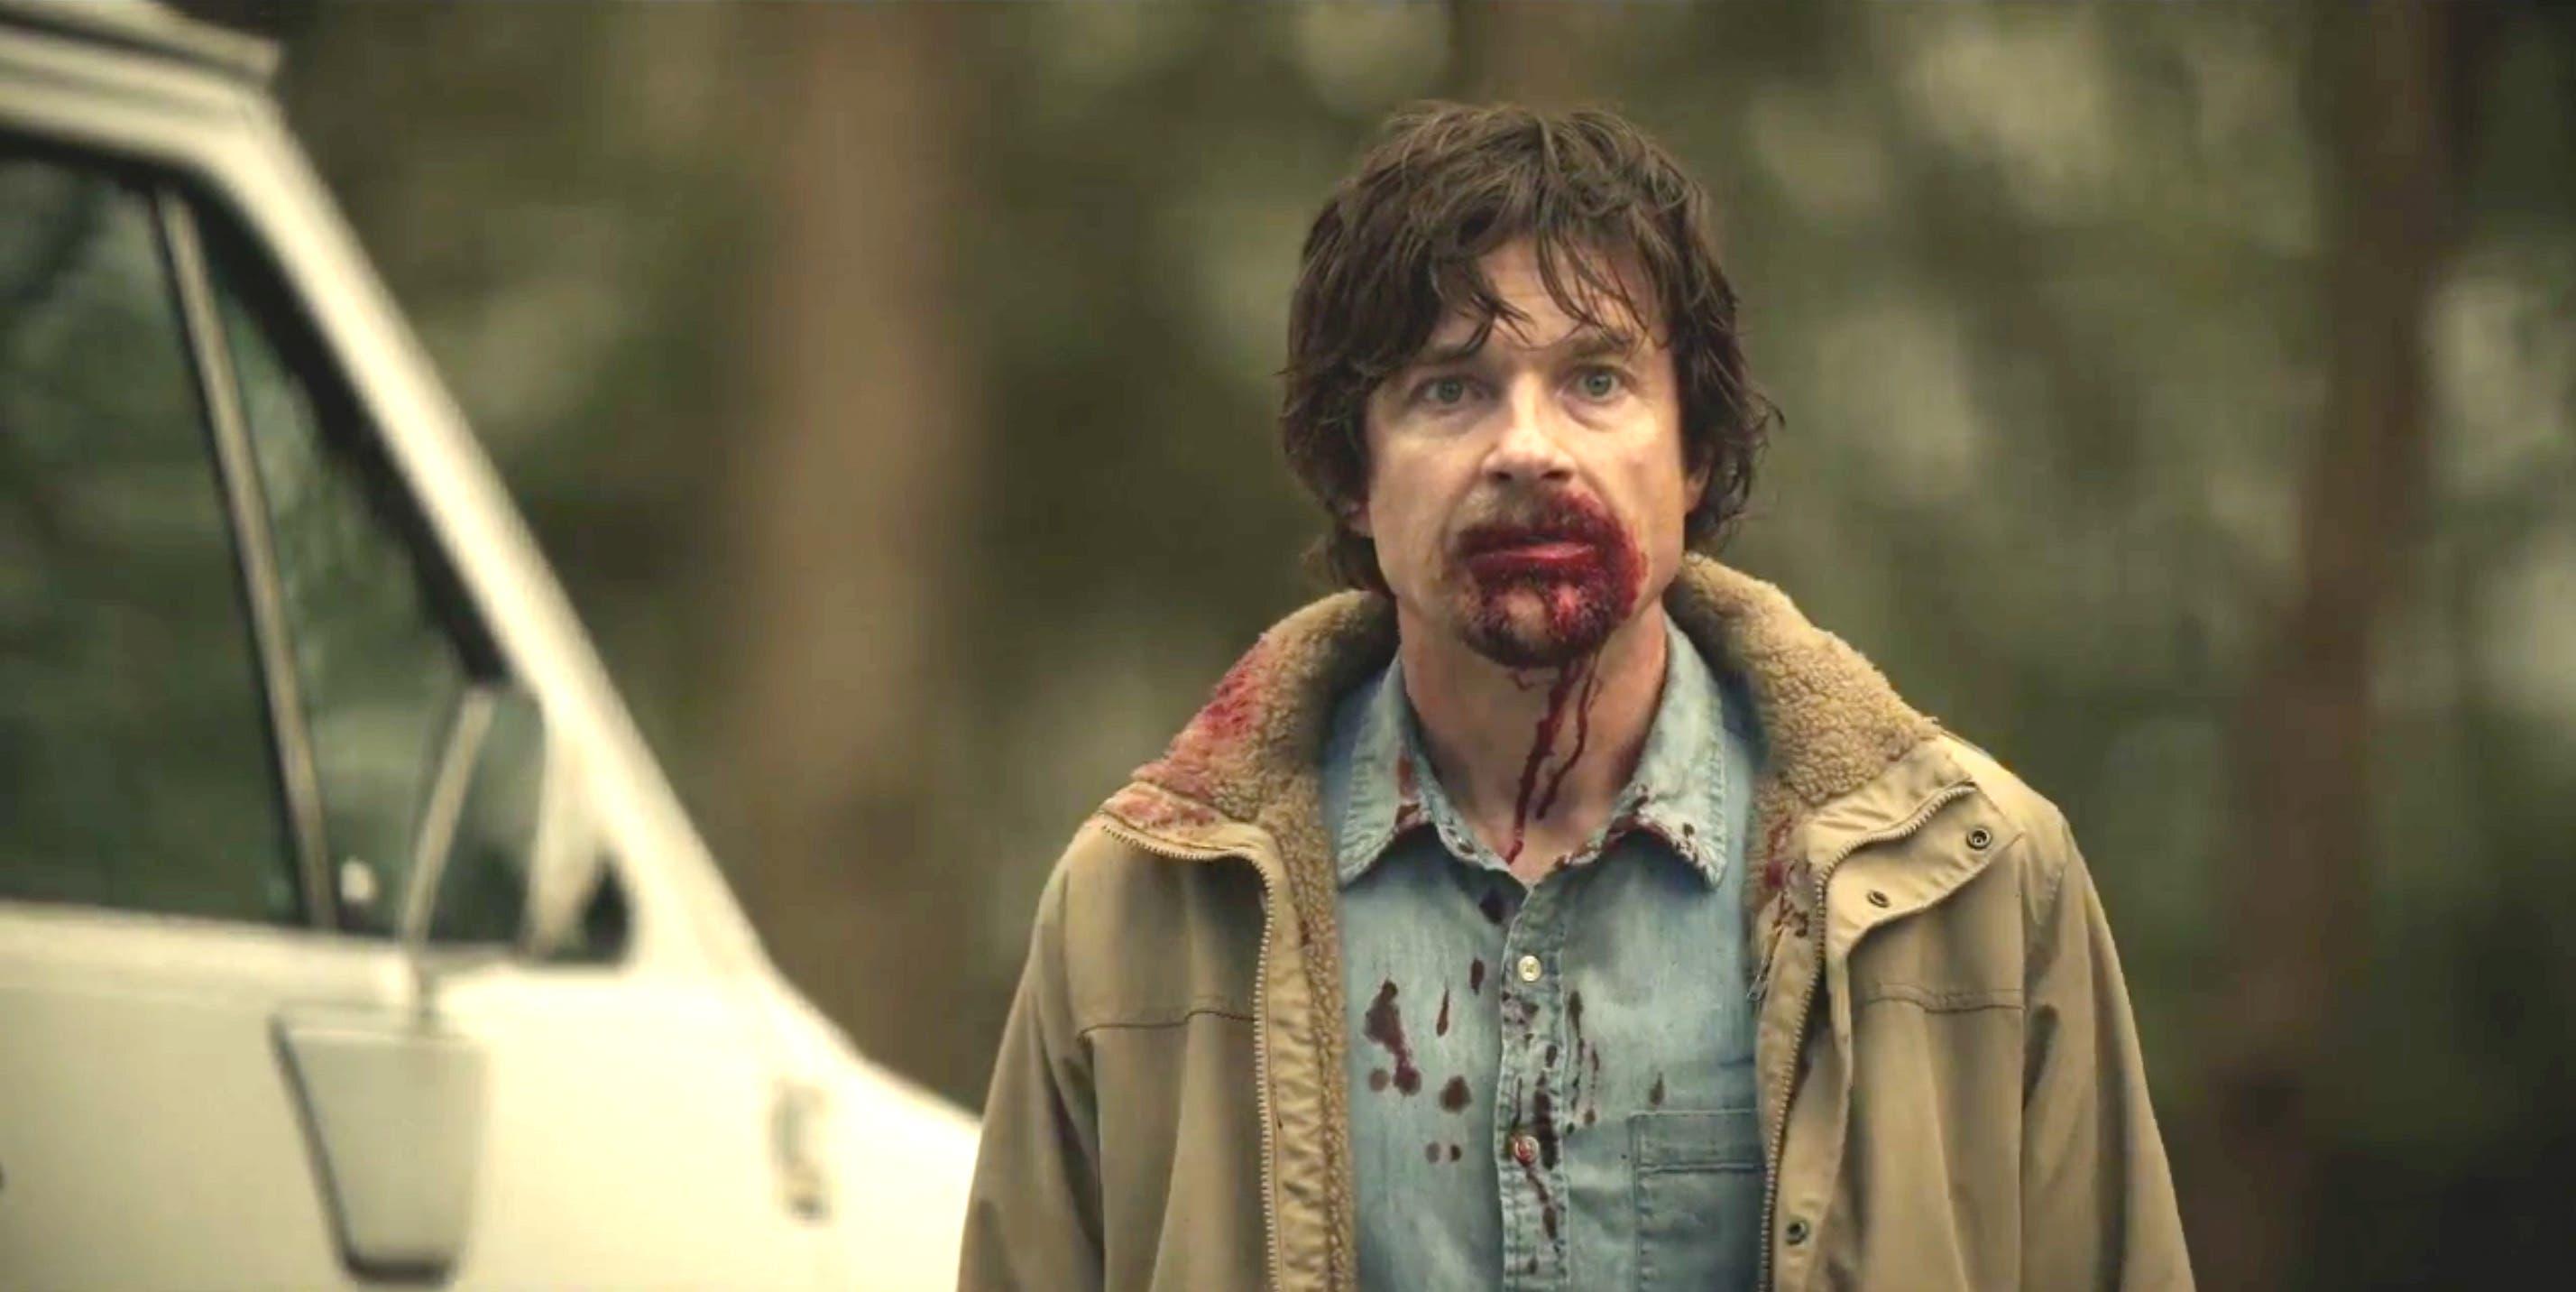 NEU: The Outsider (2020) Ein grausamer Kindsmord erschüttert eine amerikanische Kleinstadt. Der Täter scheint schnell gefasst (ungewohnt: Jason Bateman). Düstere Milieustudie nach Stephen King.